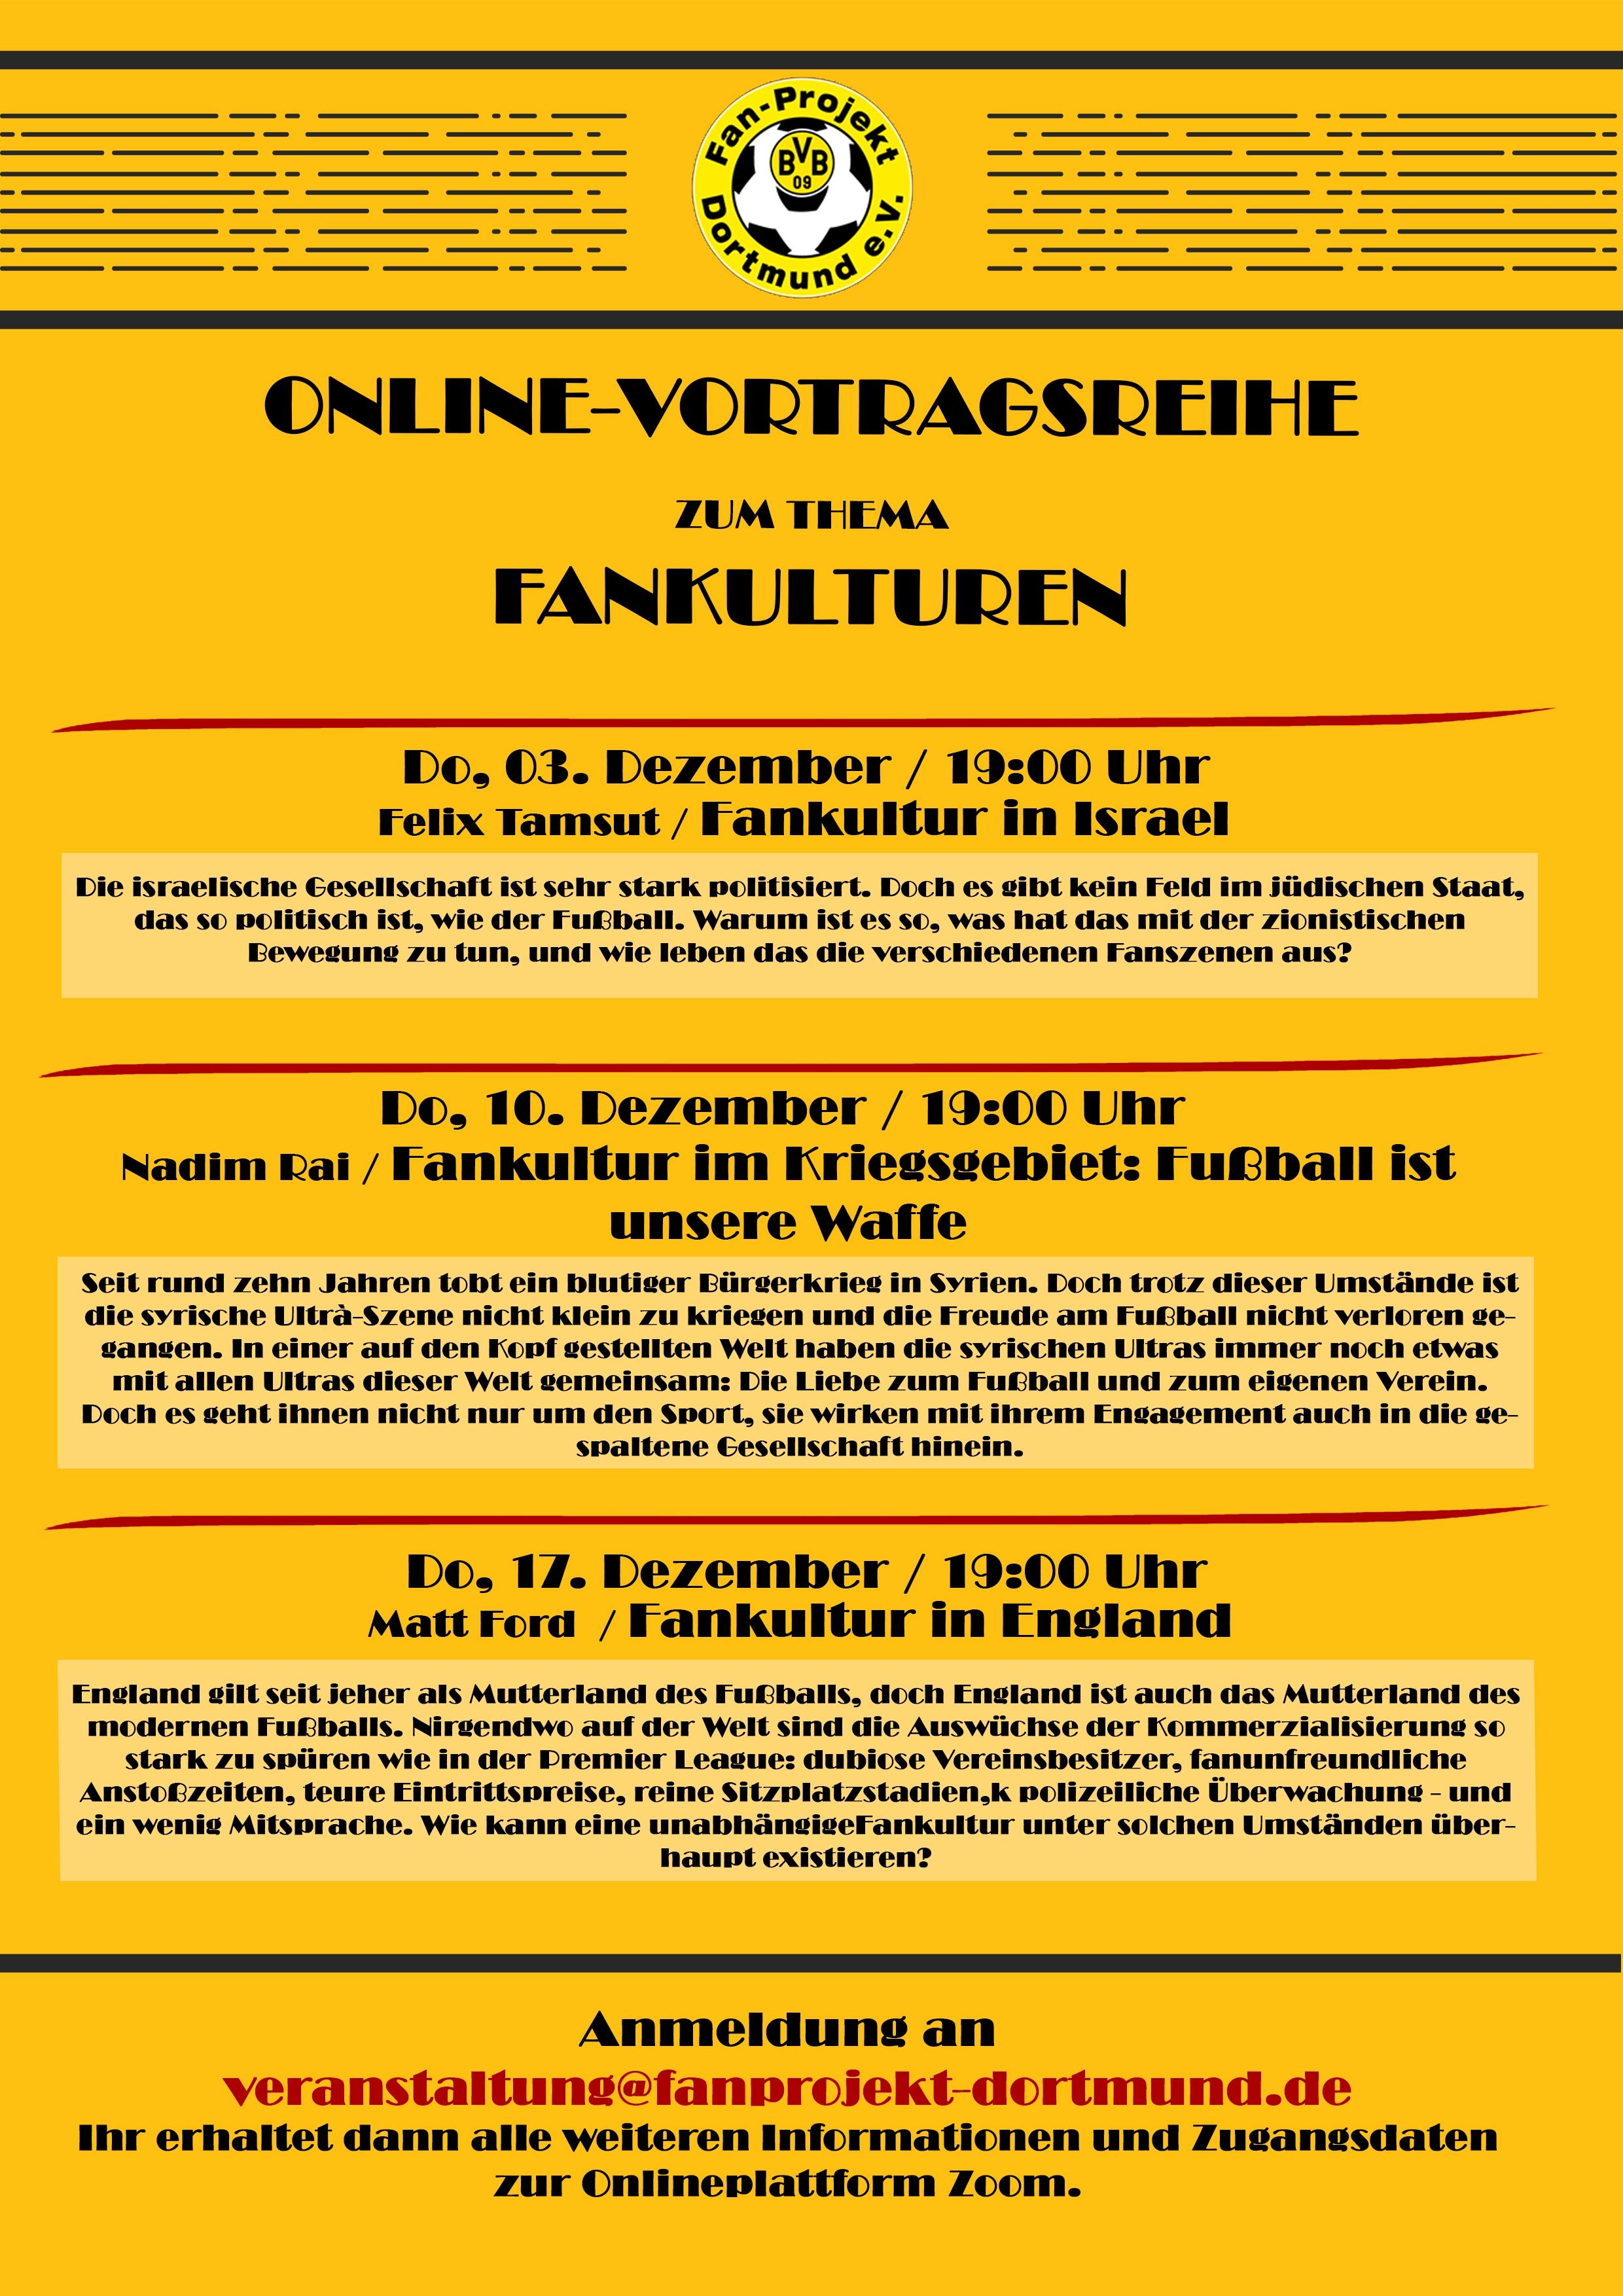 Die digitale Vortragsreihe vom Fanprojekt Dortmund